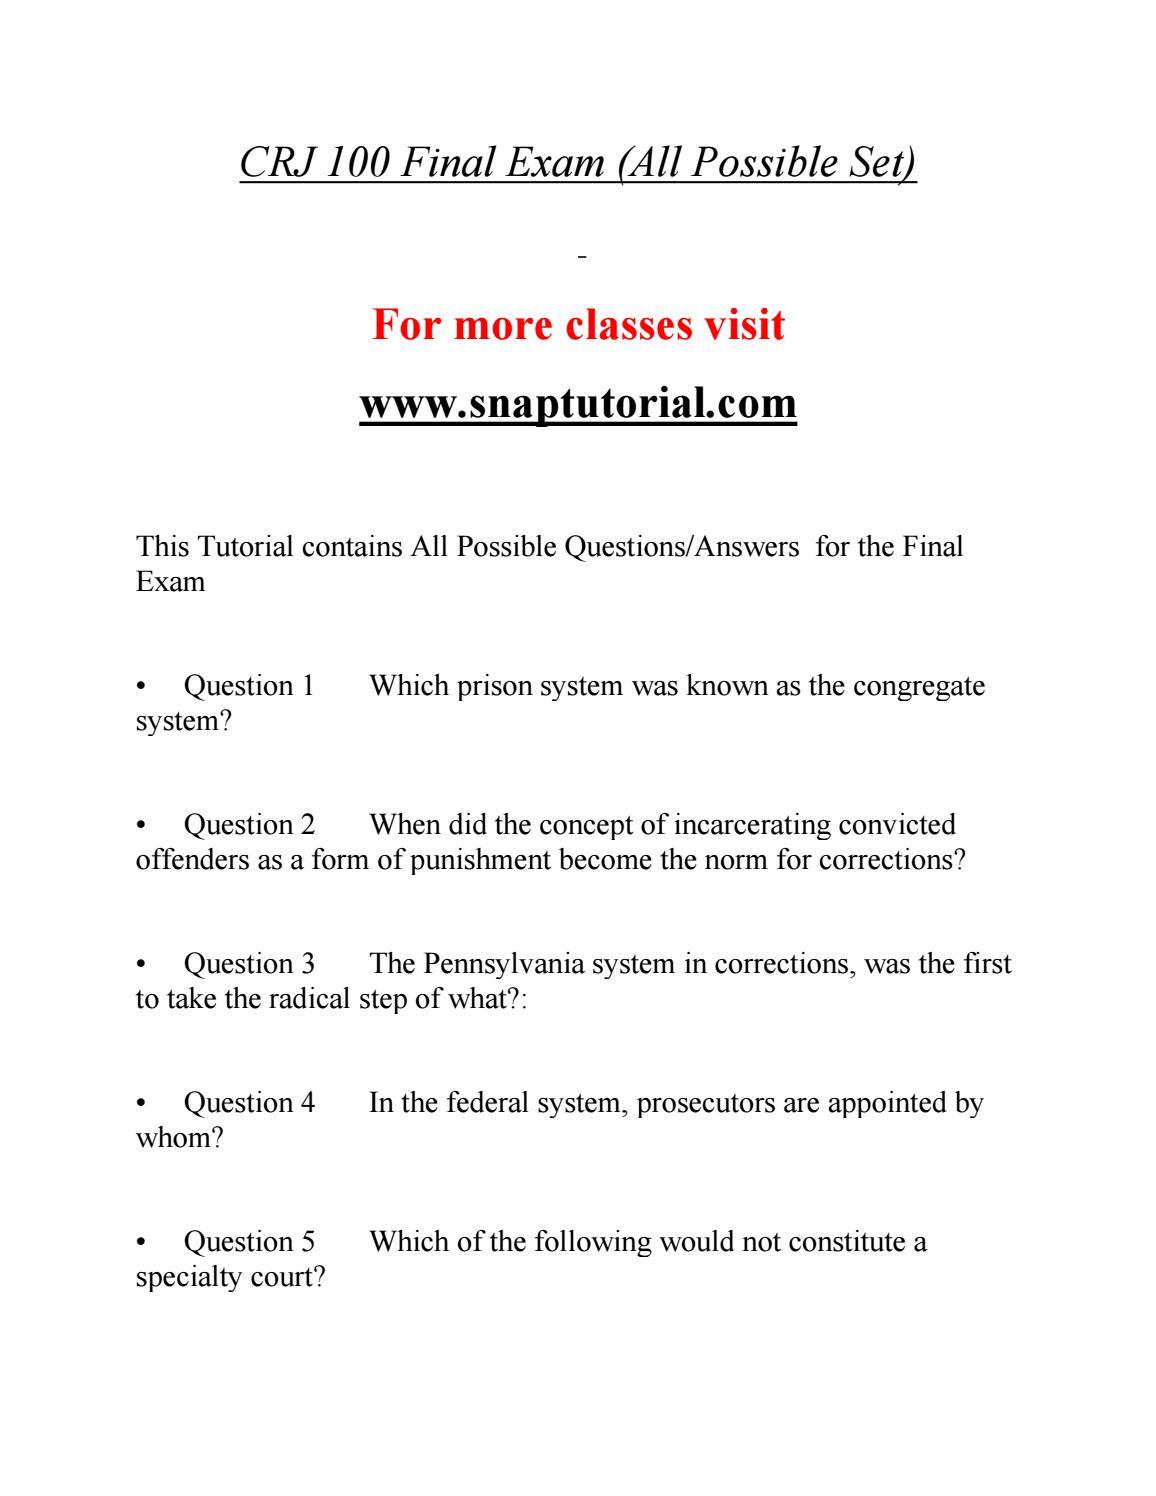 crj 110 final exam